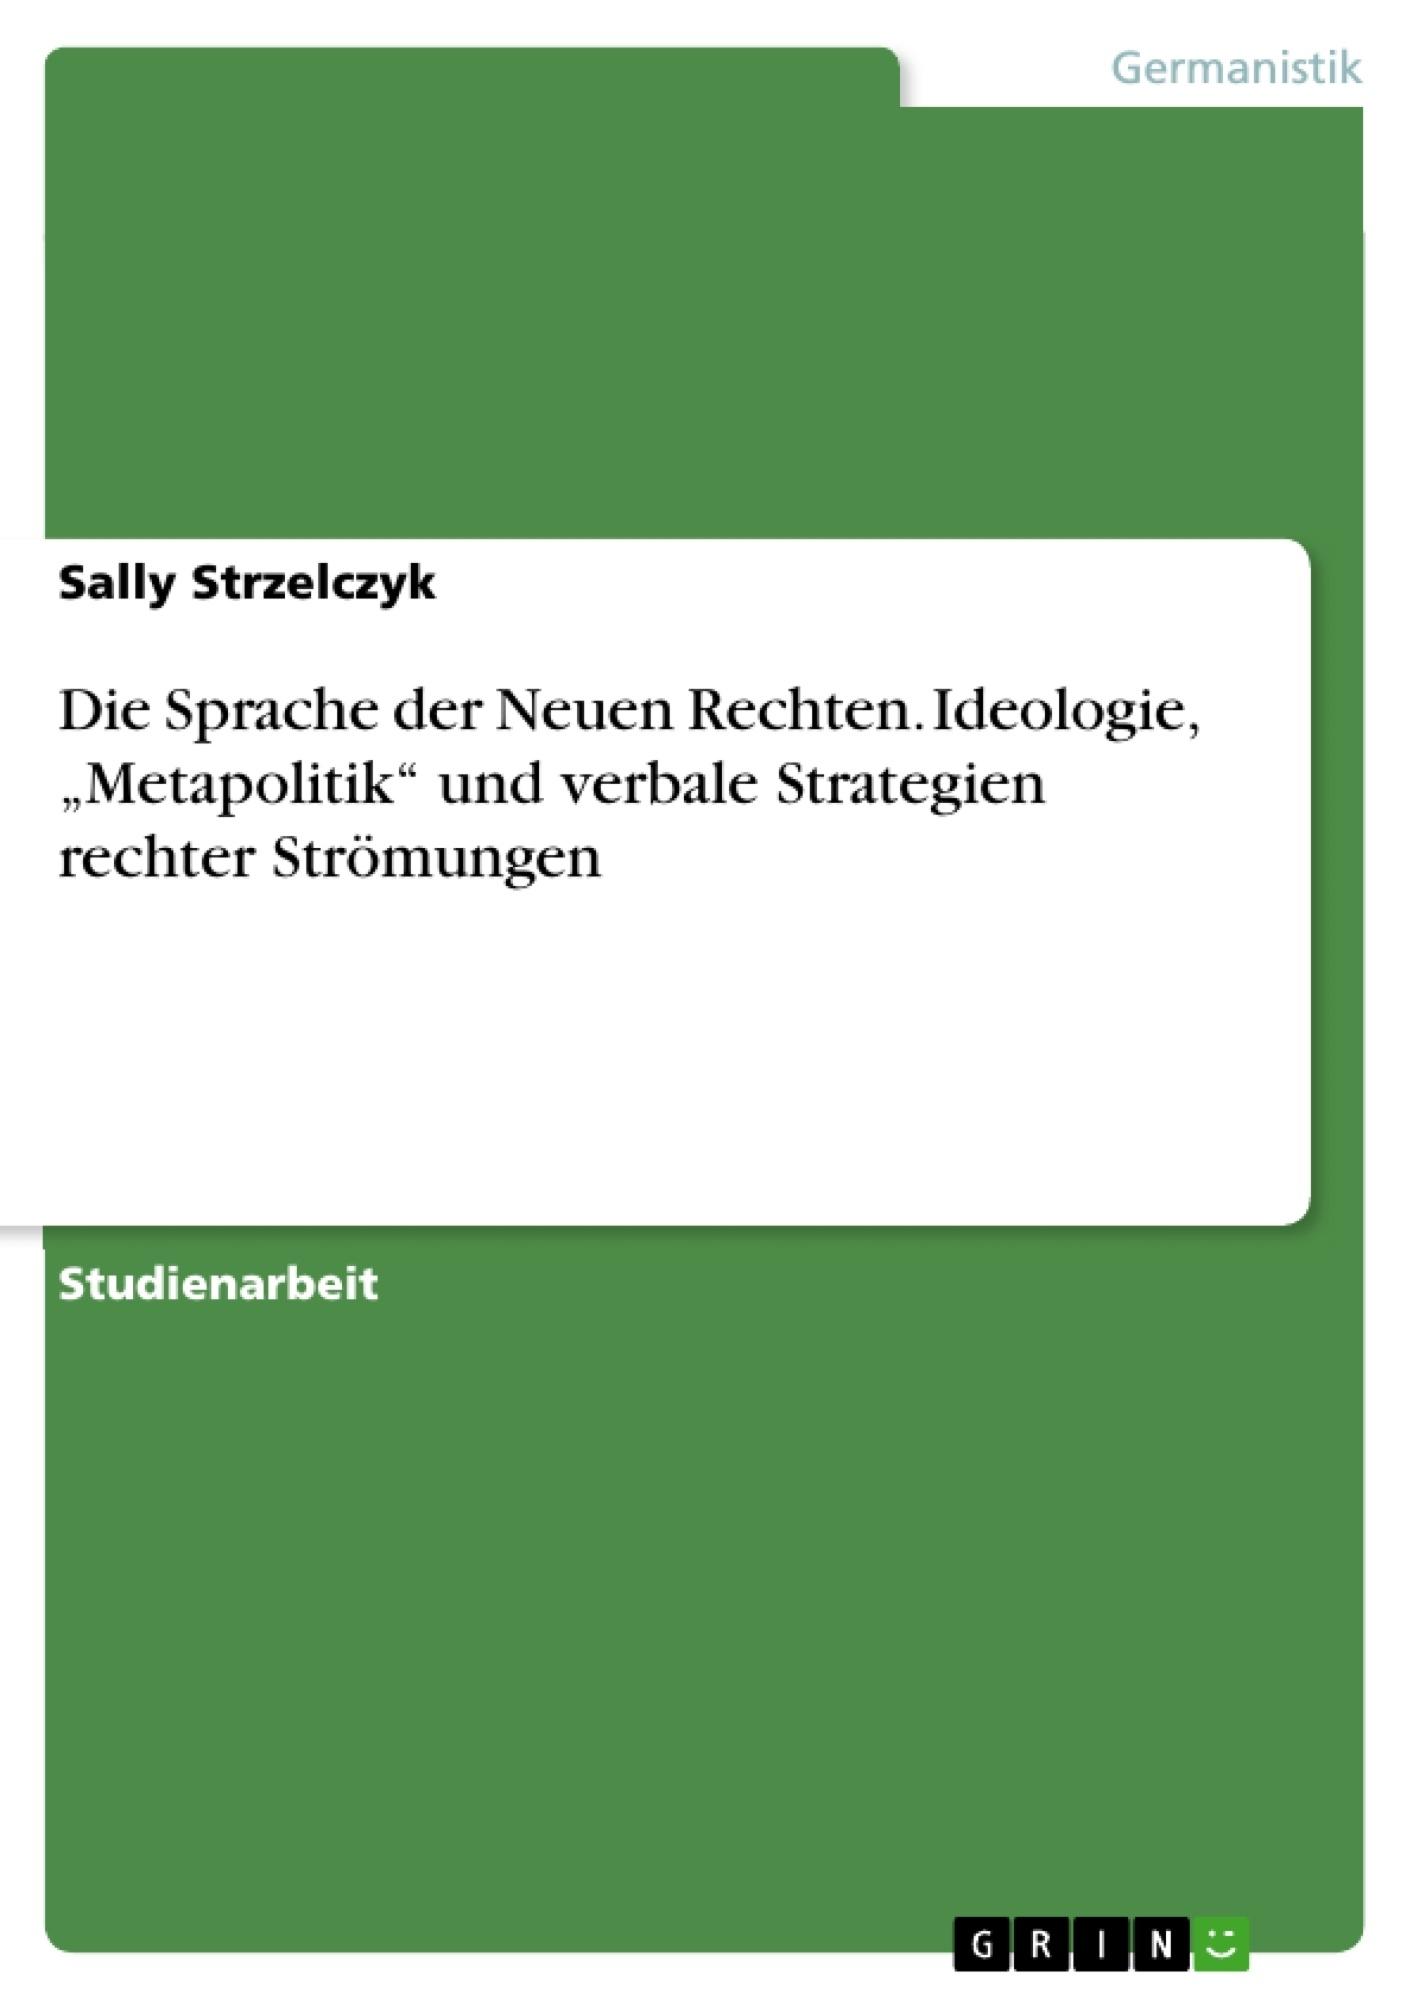 """Titel: Die Sprache der Neuen Rechten. Ideologie, """"Metapolitik"""" und verbale Strategien rechter Strömungen"""